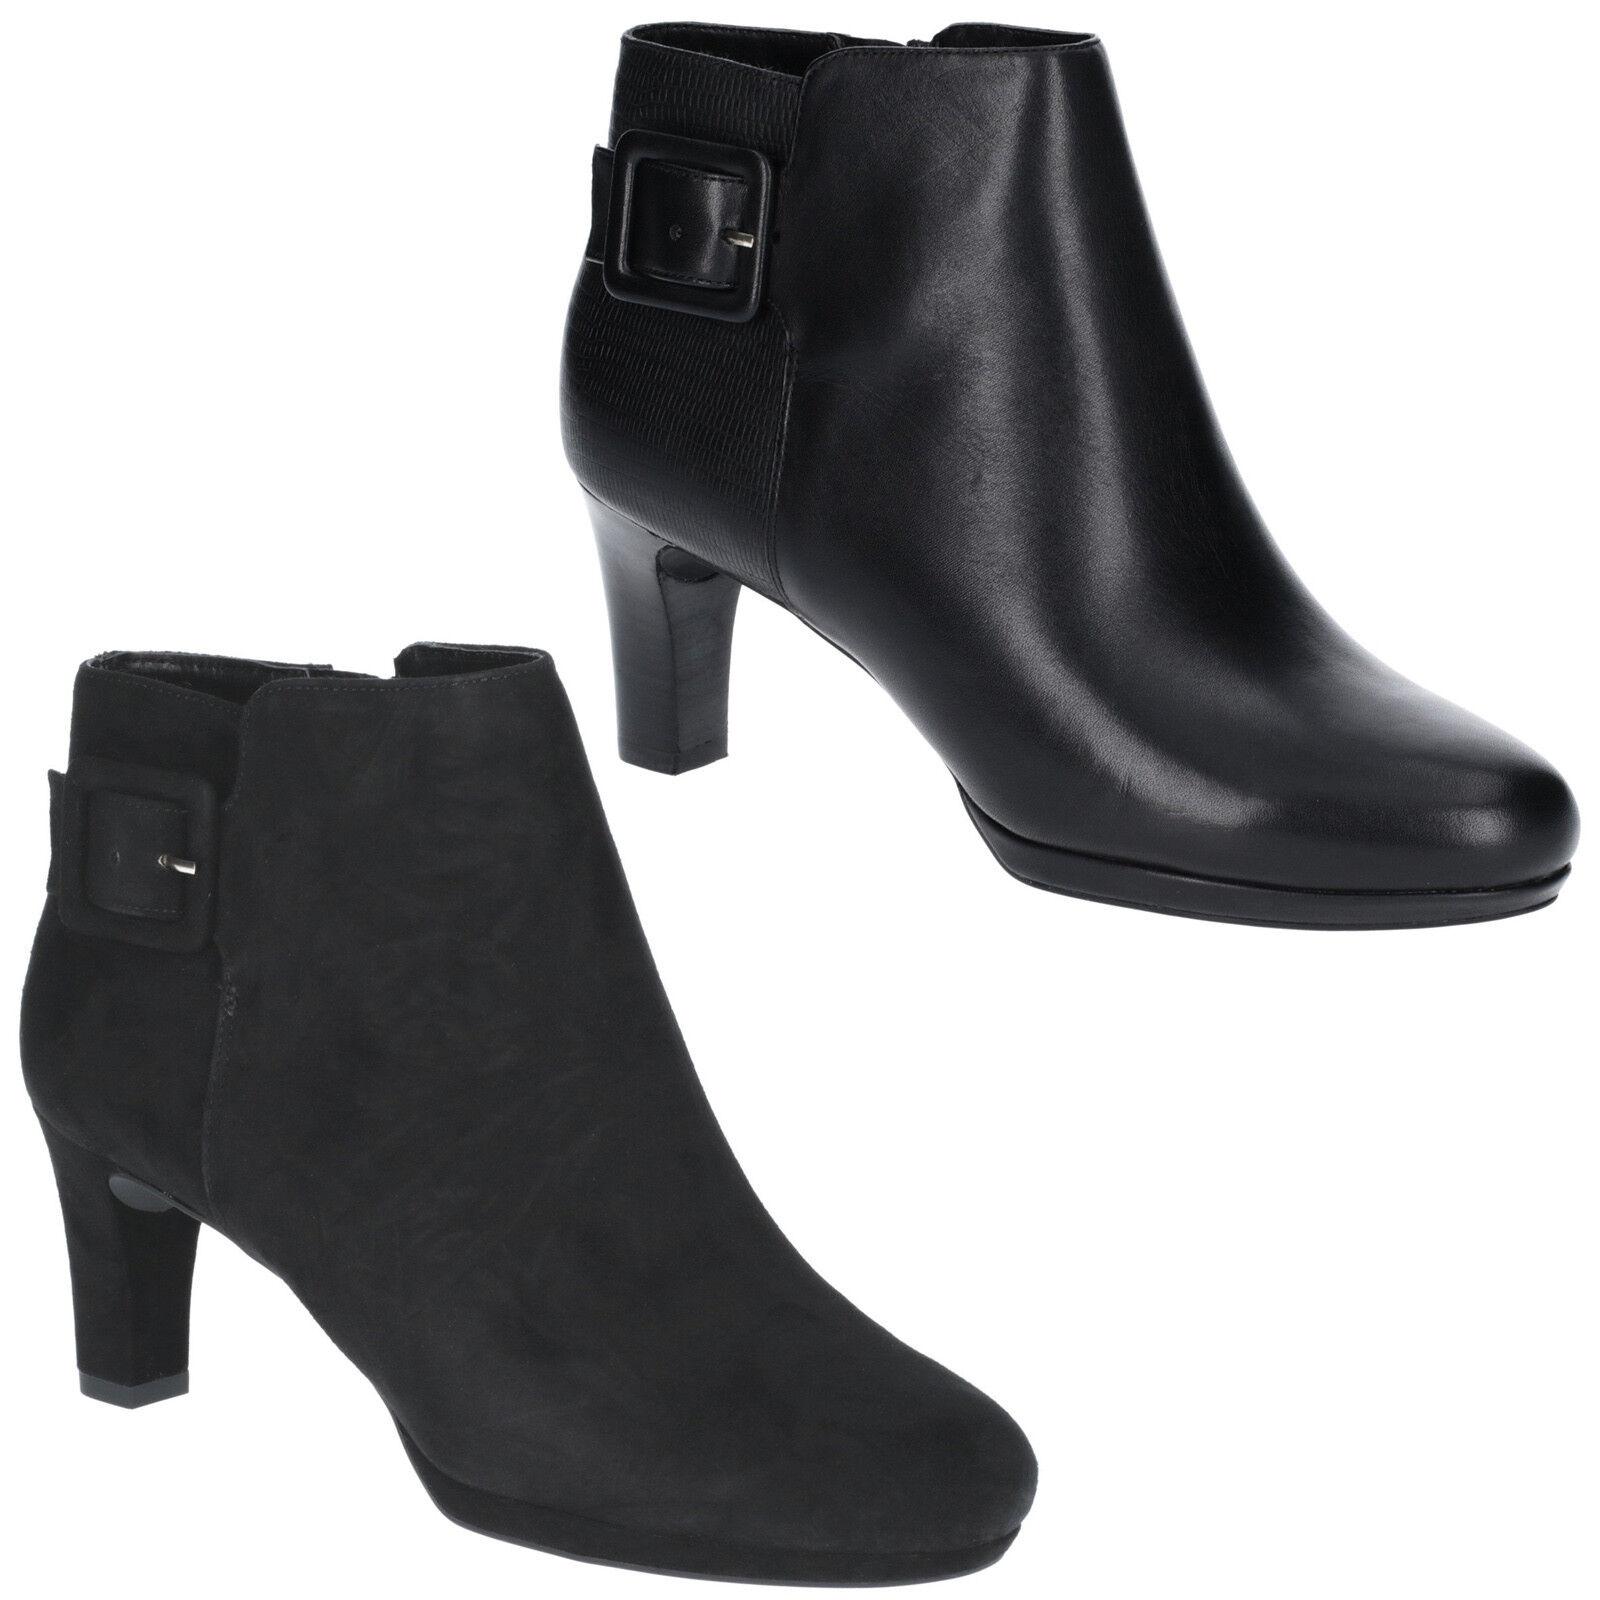 Rockport botas de movimiento total total total Leah para Mujer cortas al tobillo Plataforma Tacones Zapatos De Las Señoras  orden en línea